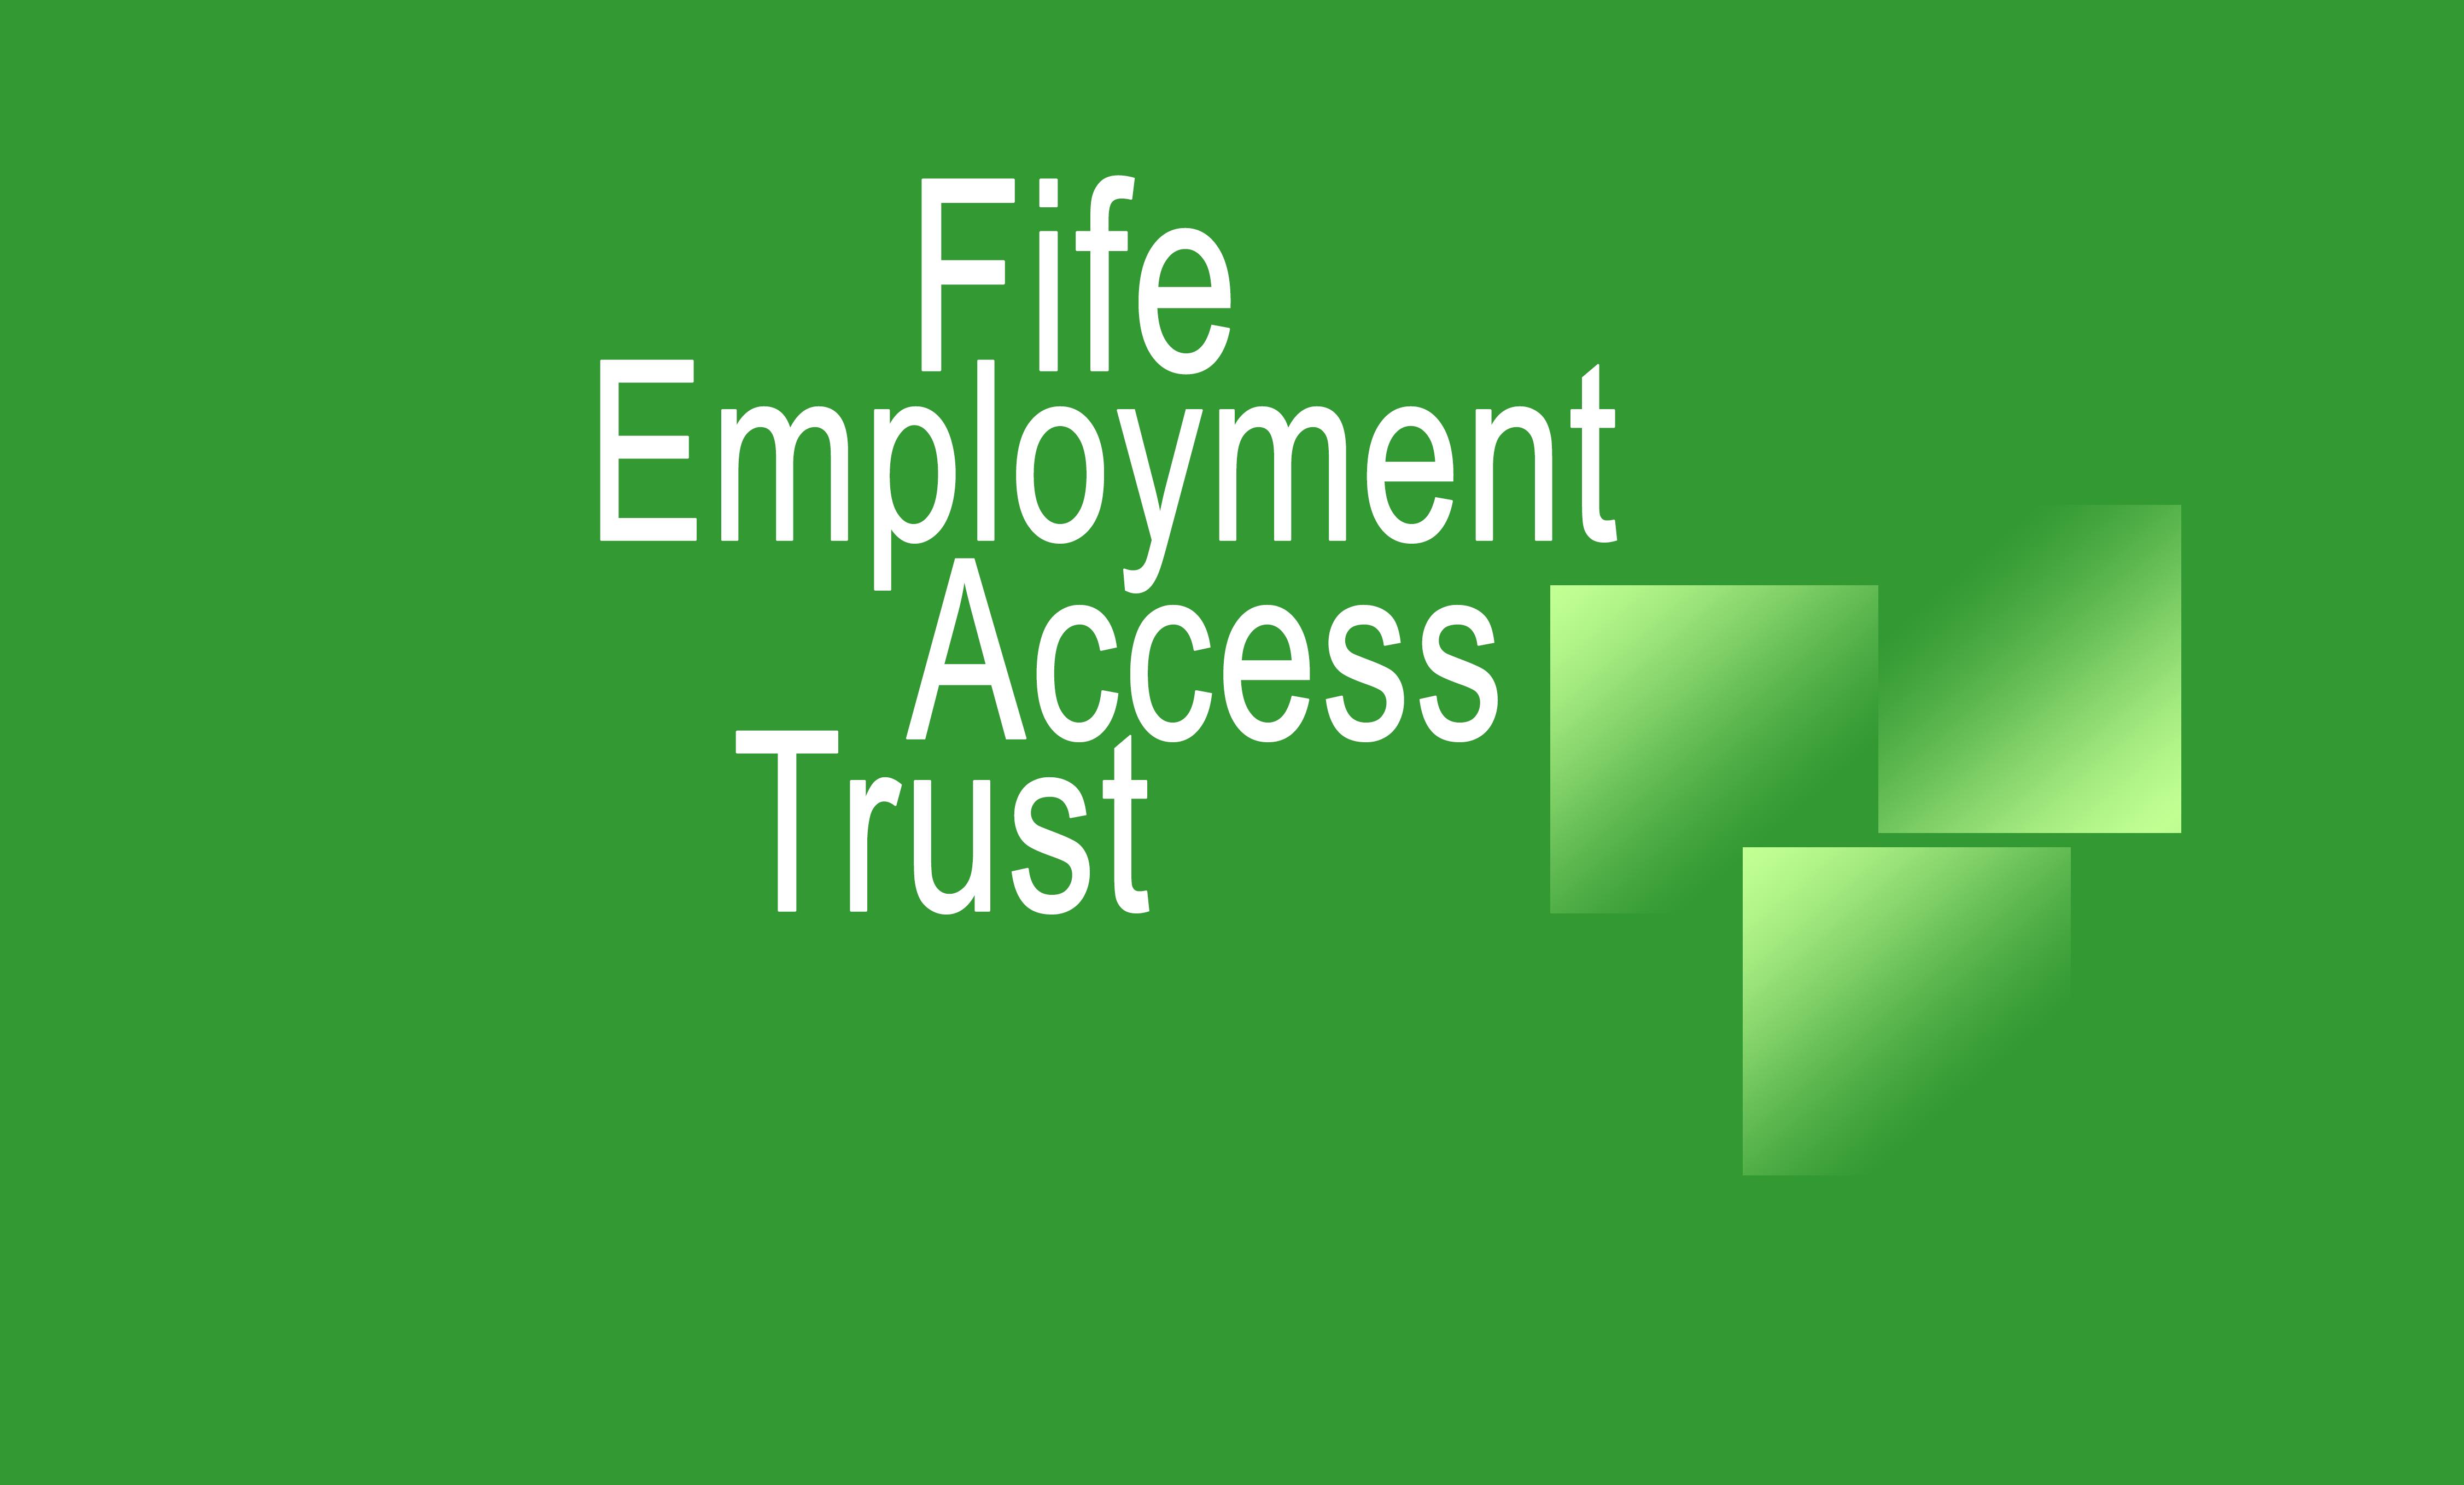 Fife Employment Access Trust members logo